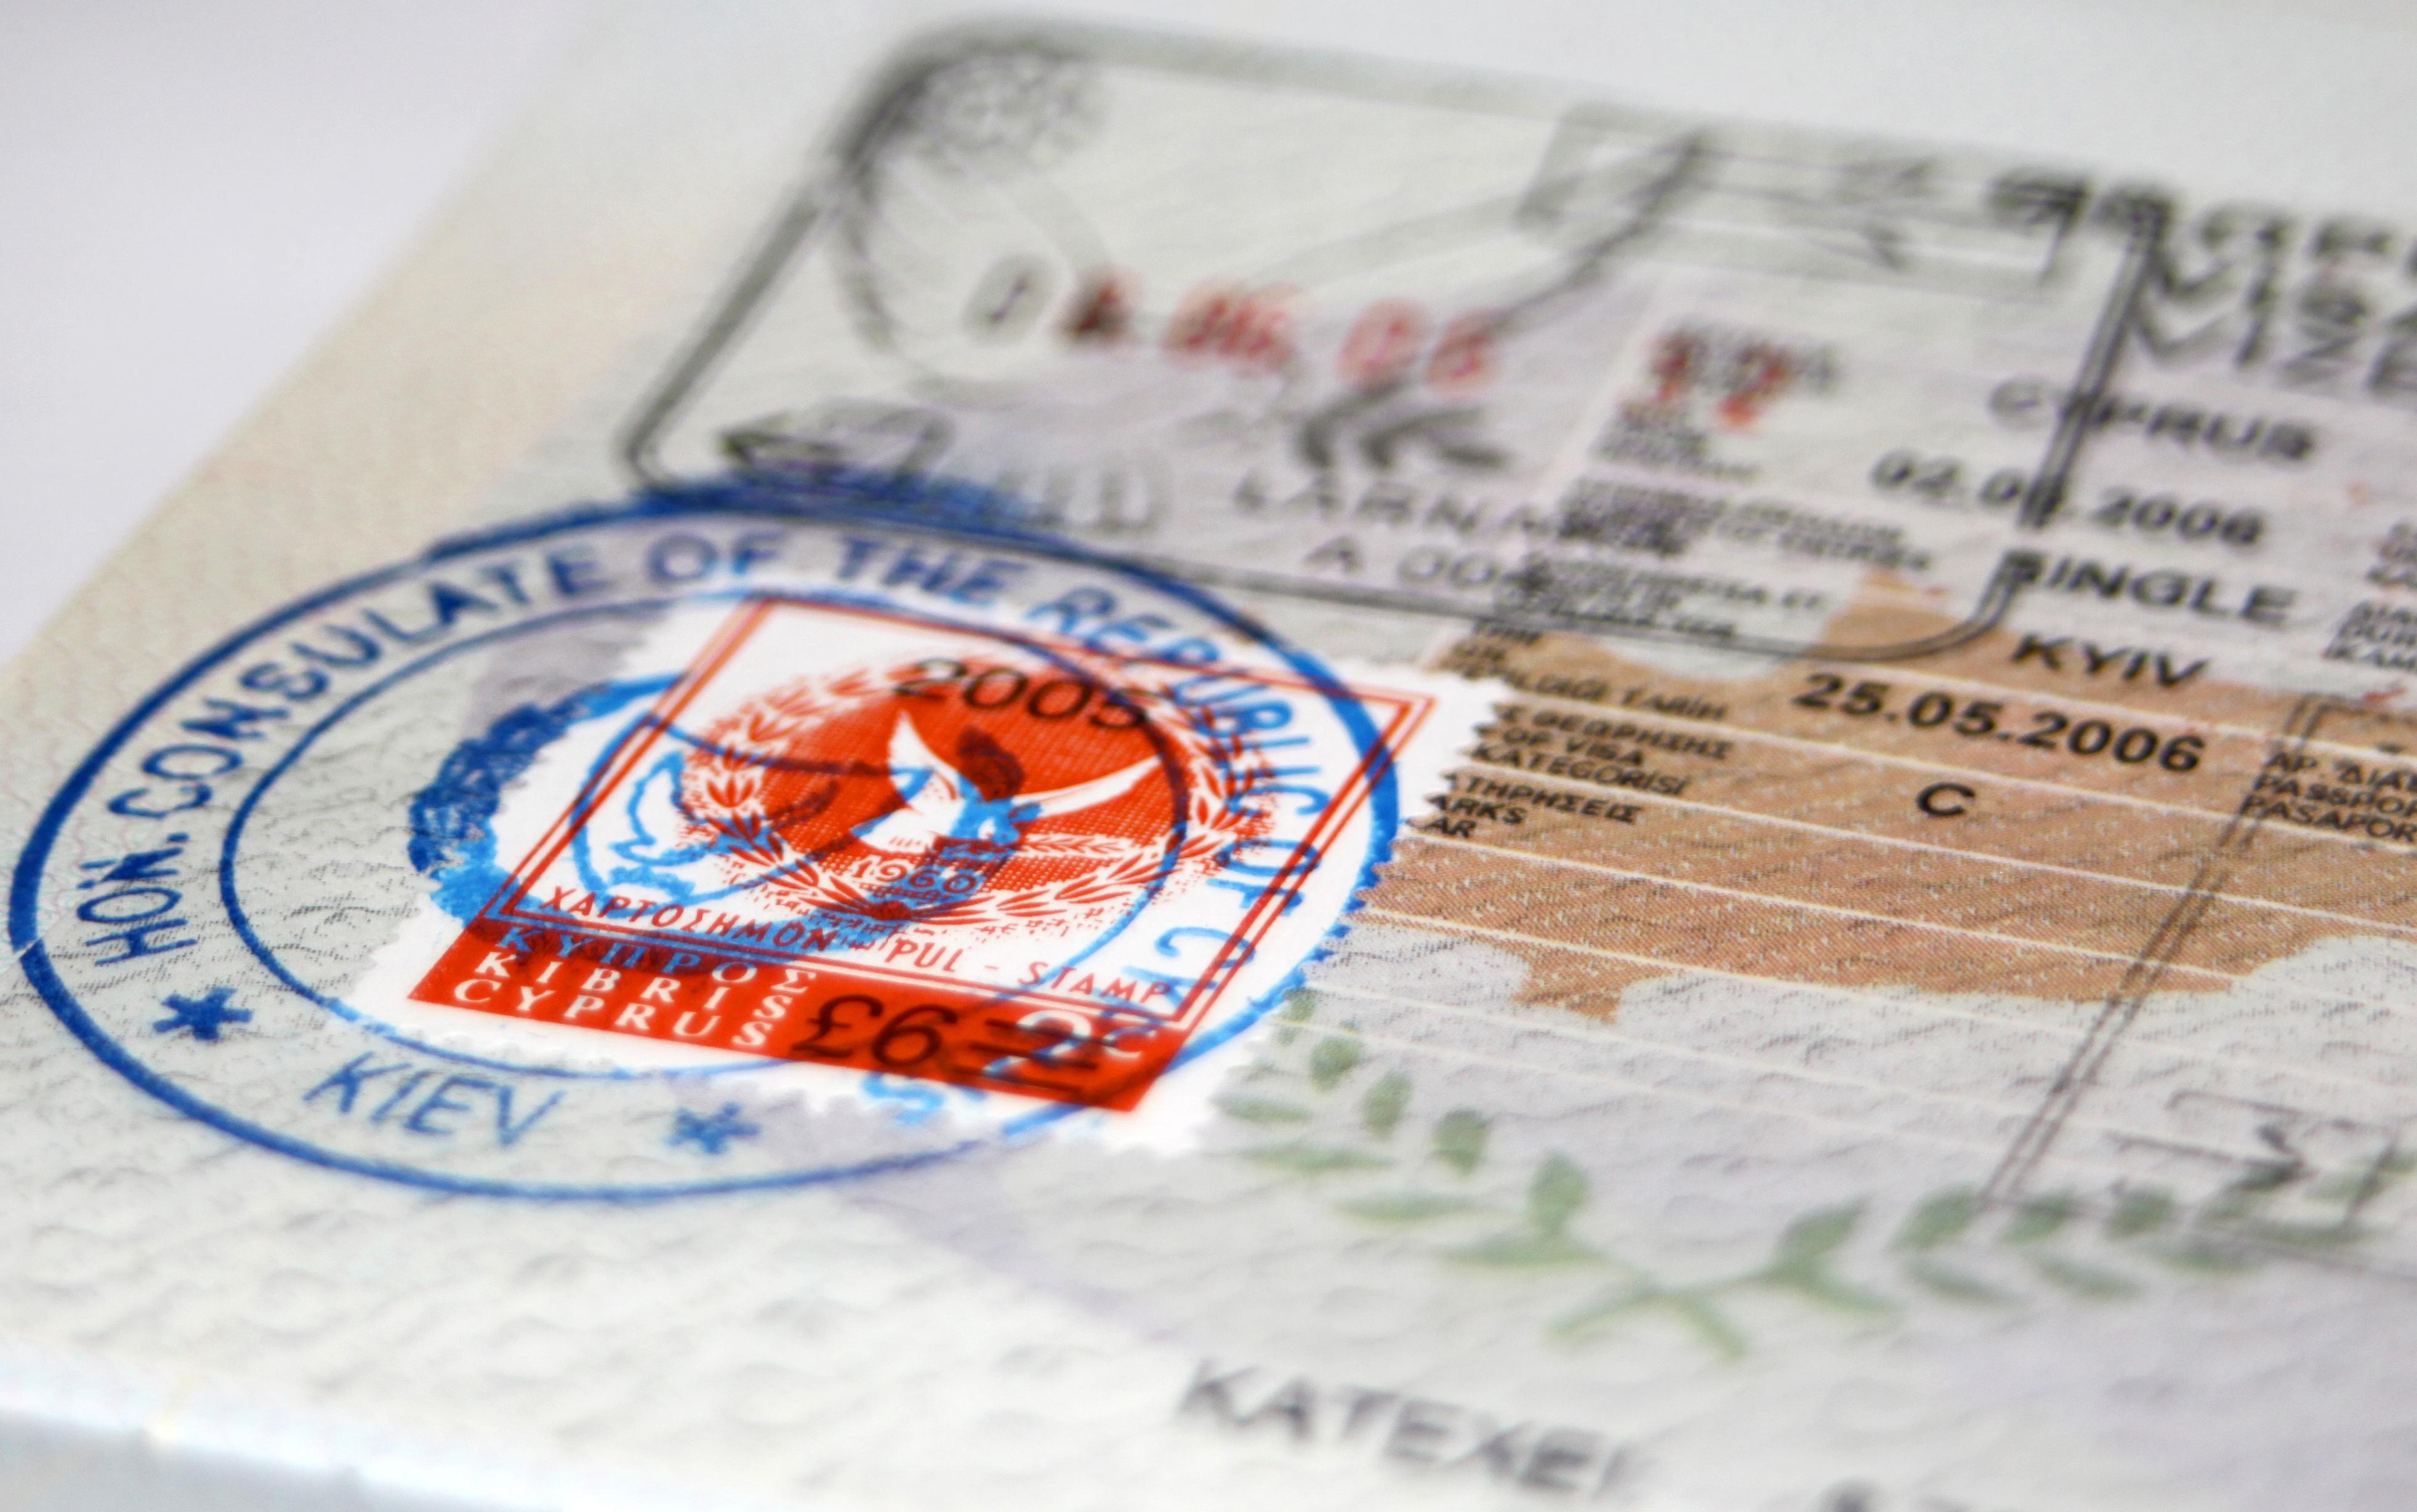 Паспорт Кипра с визой, которую могут оформить россияне